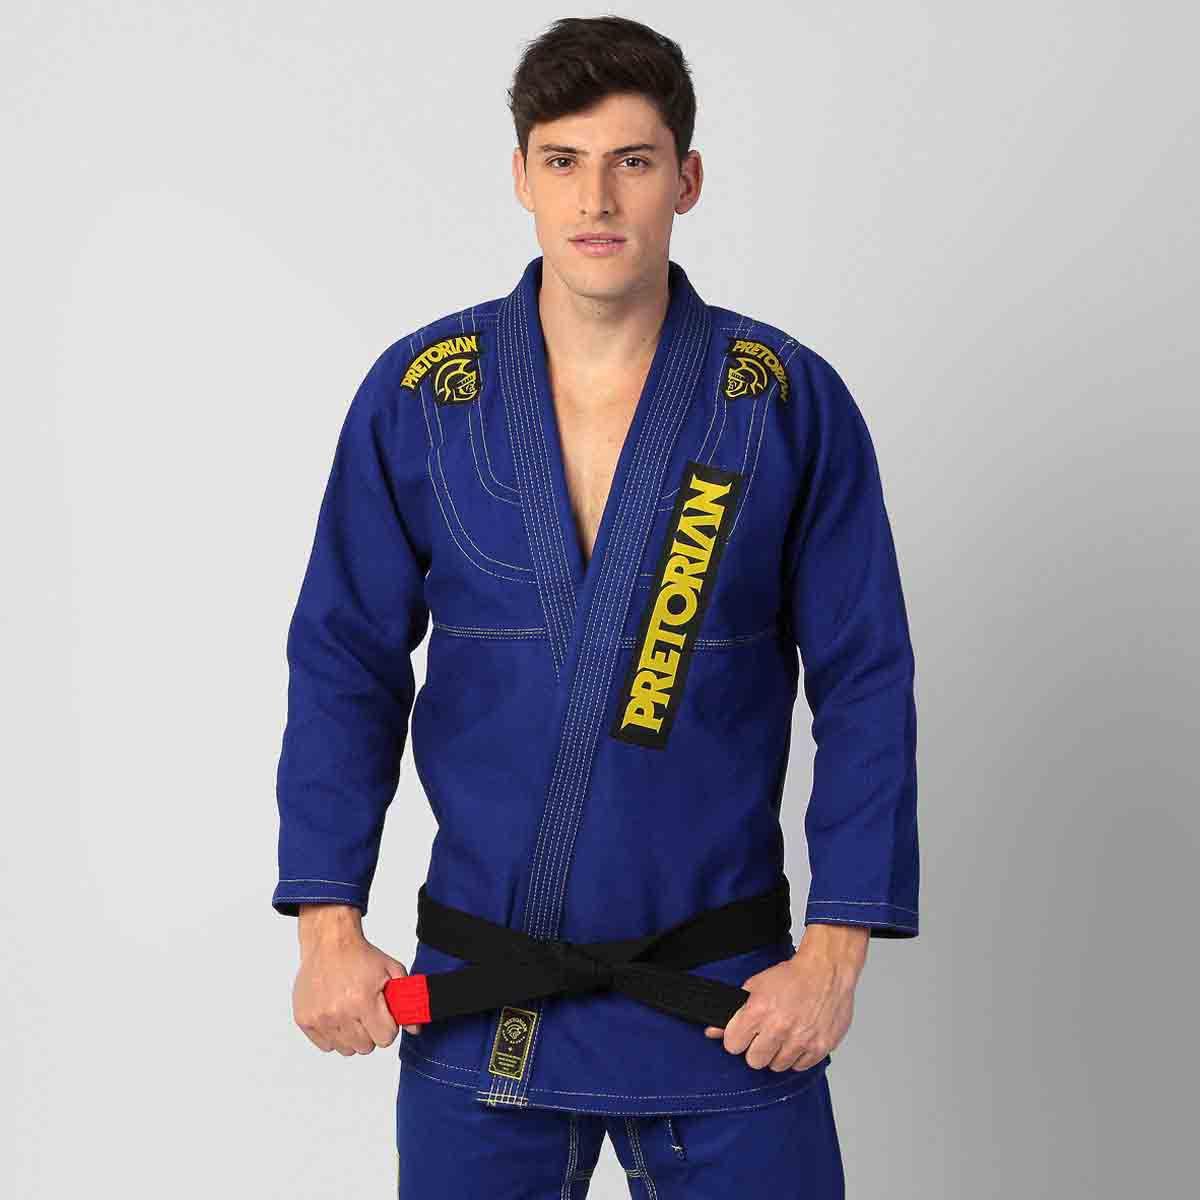 Kimono Jiu Jitsu - Pretorian Elite Pro - Azul -